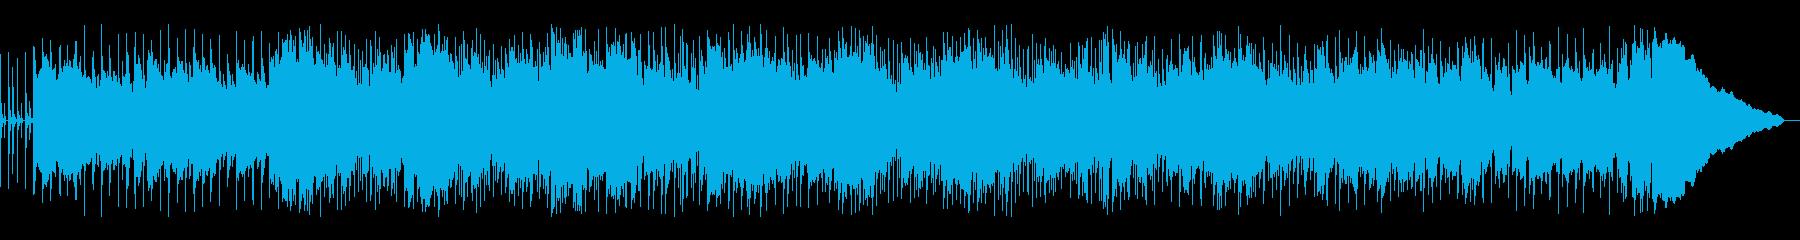 ブルージーな泣きのメロディーのポップスの再生済みの波形